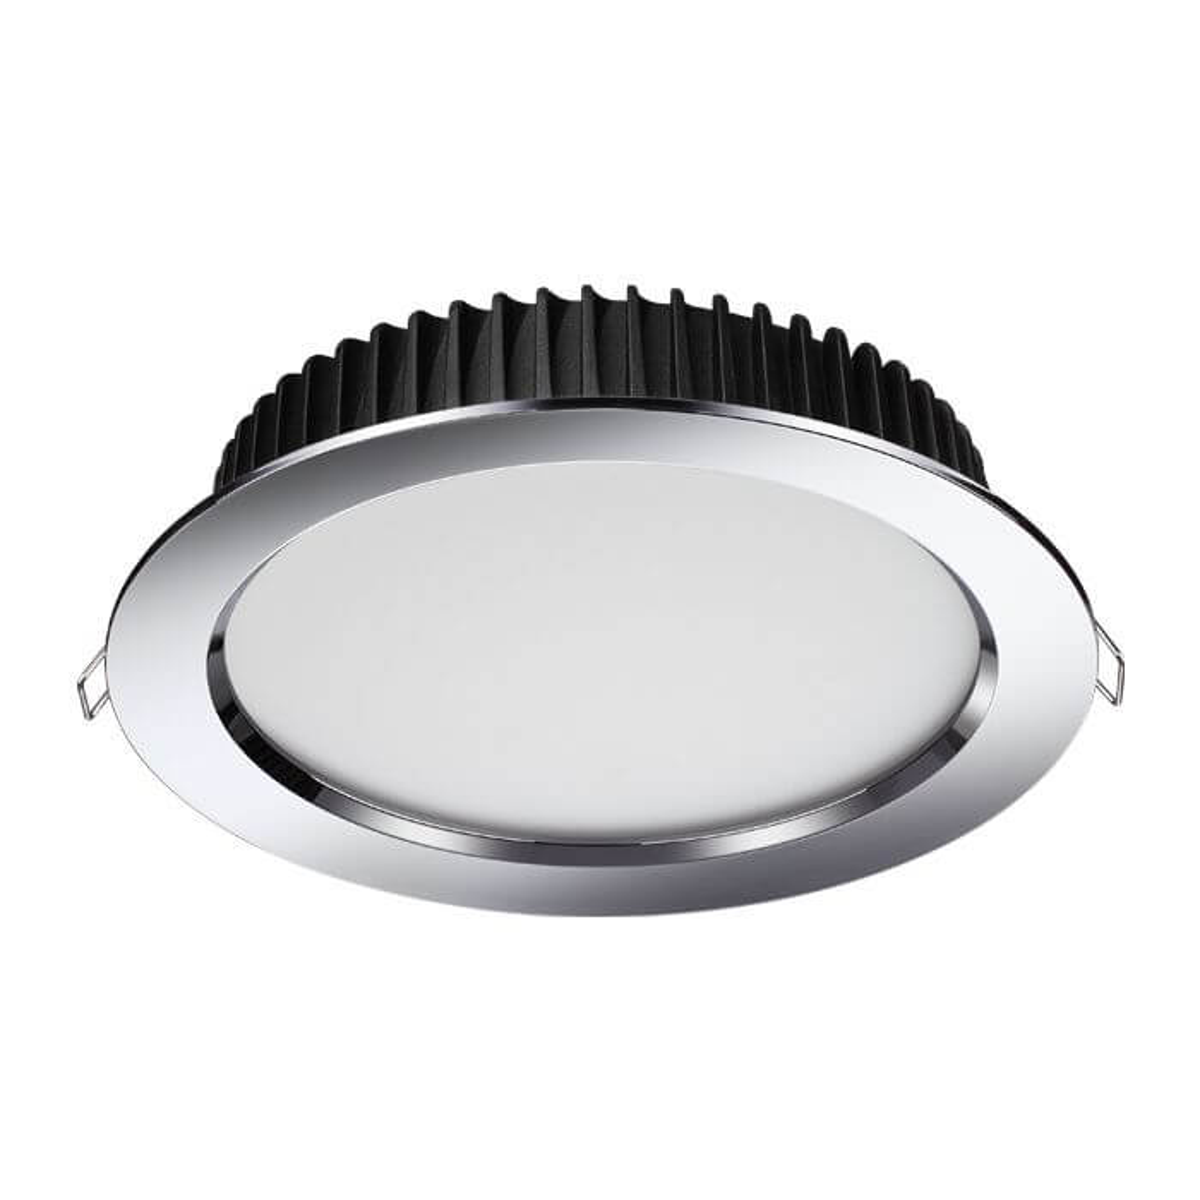 Светильник Novotech 358305 Spot (Драйвер в комплект не входит)